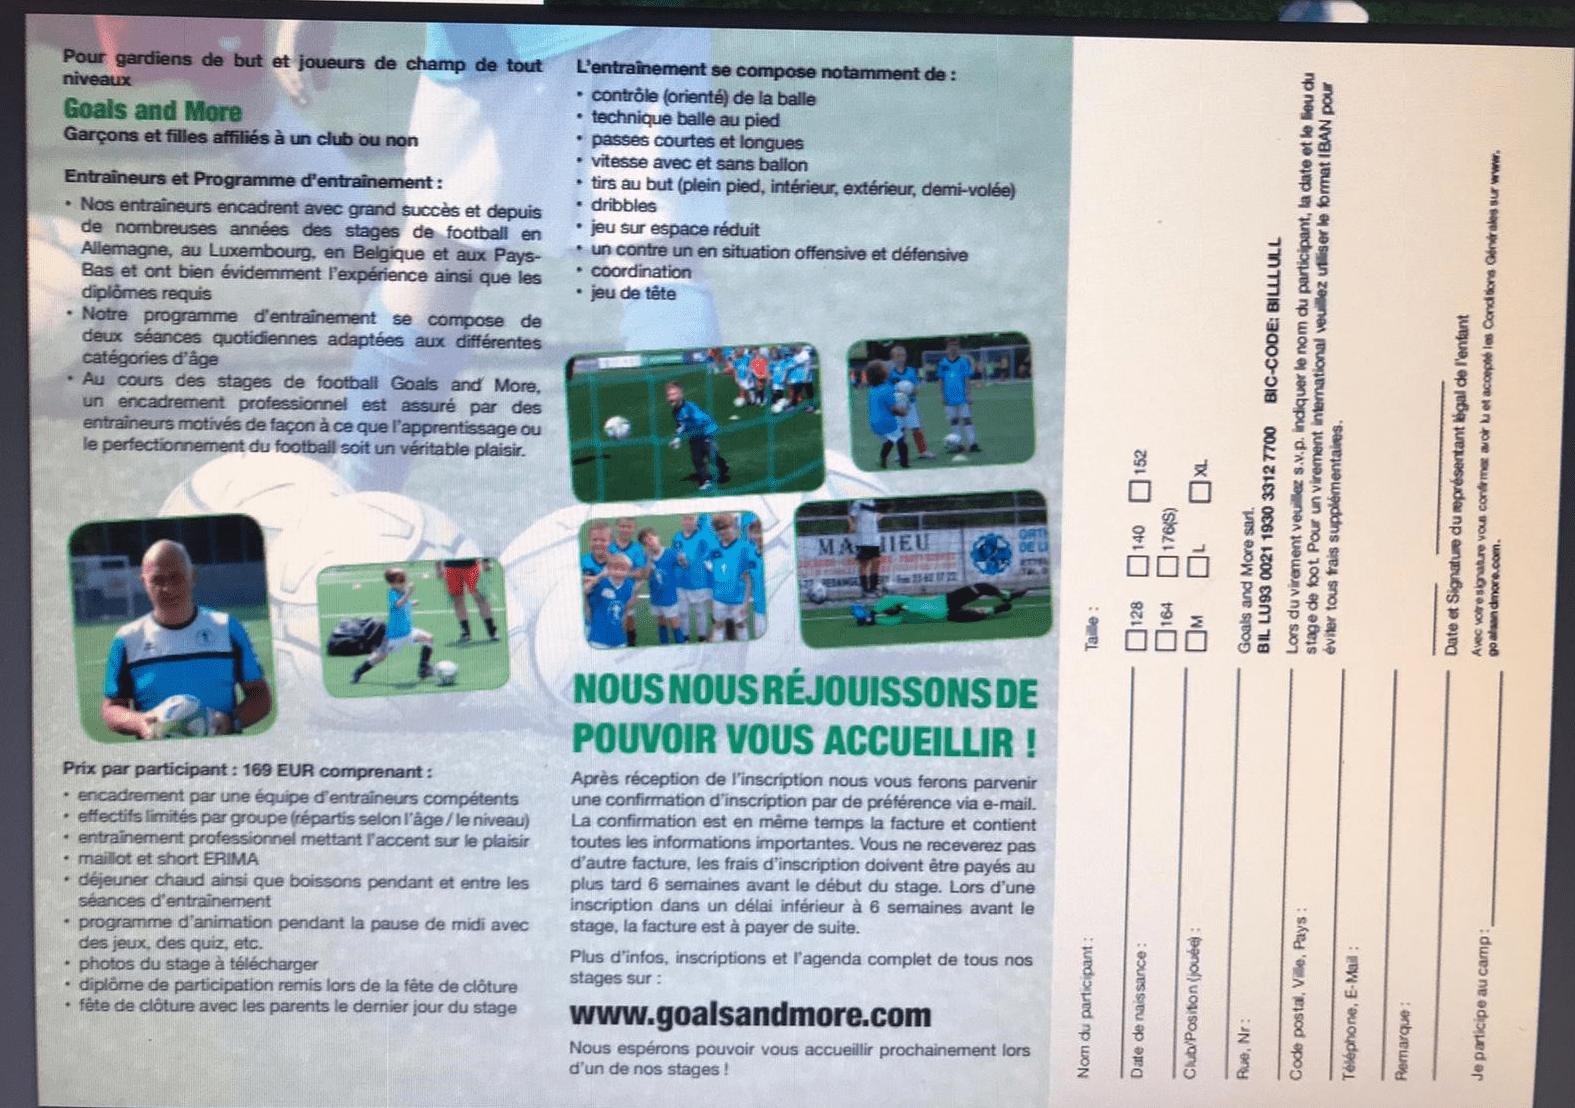 Goals and More Fußballcamp zu Reiler (20-24. Juli 2020)